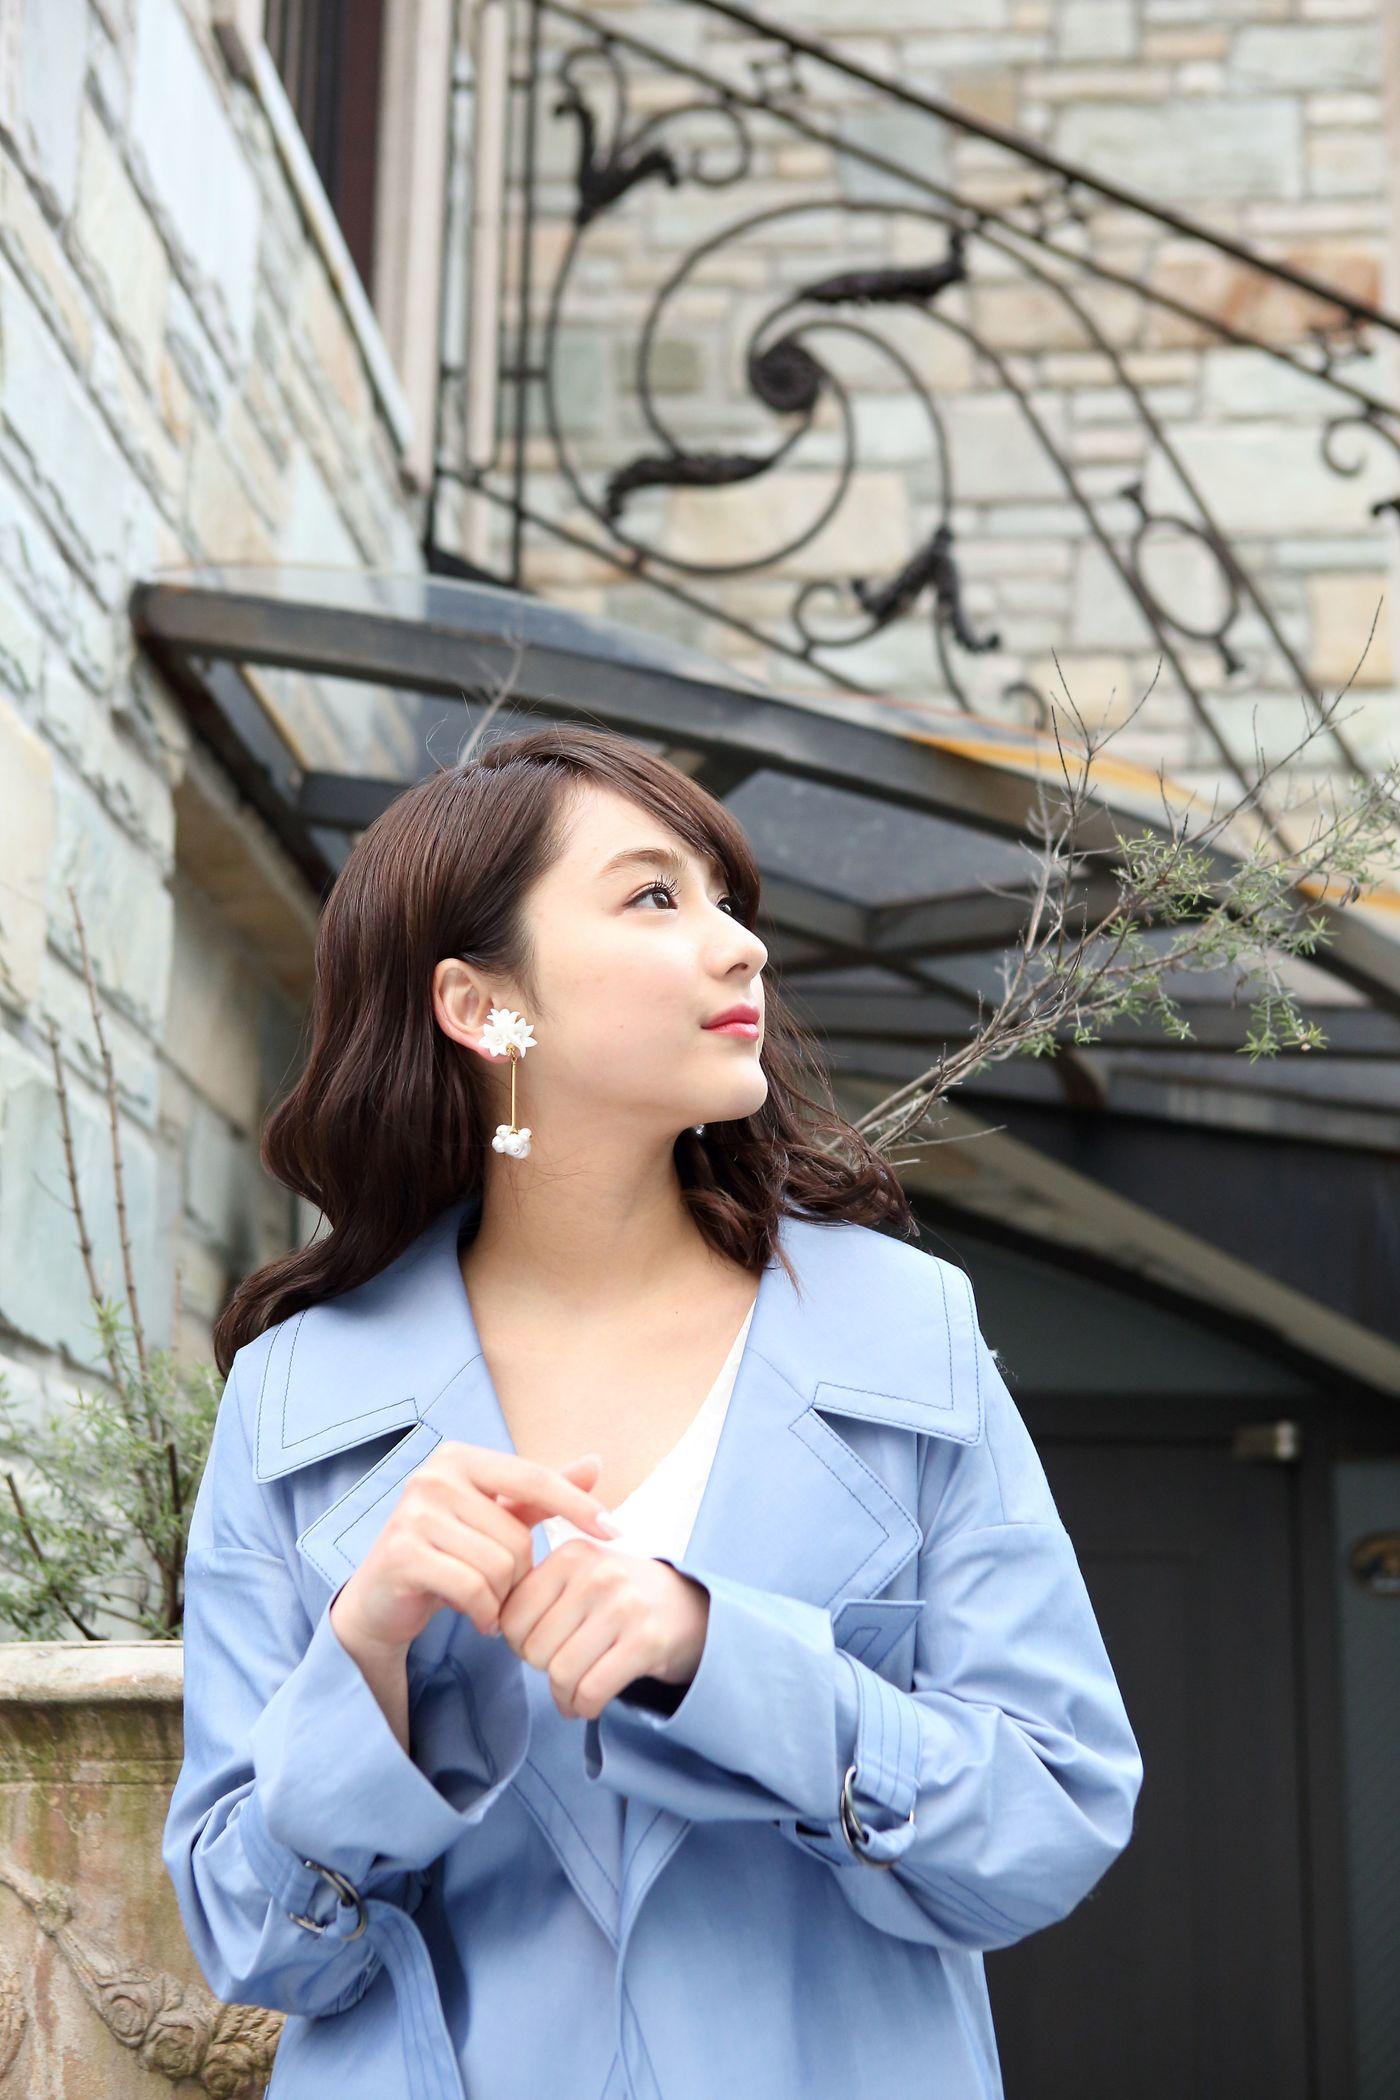 天使の可愛さの秘密を直撃♡平祐奈さんインタビューの2枚目の画像